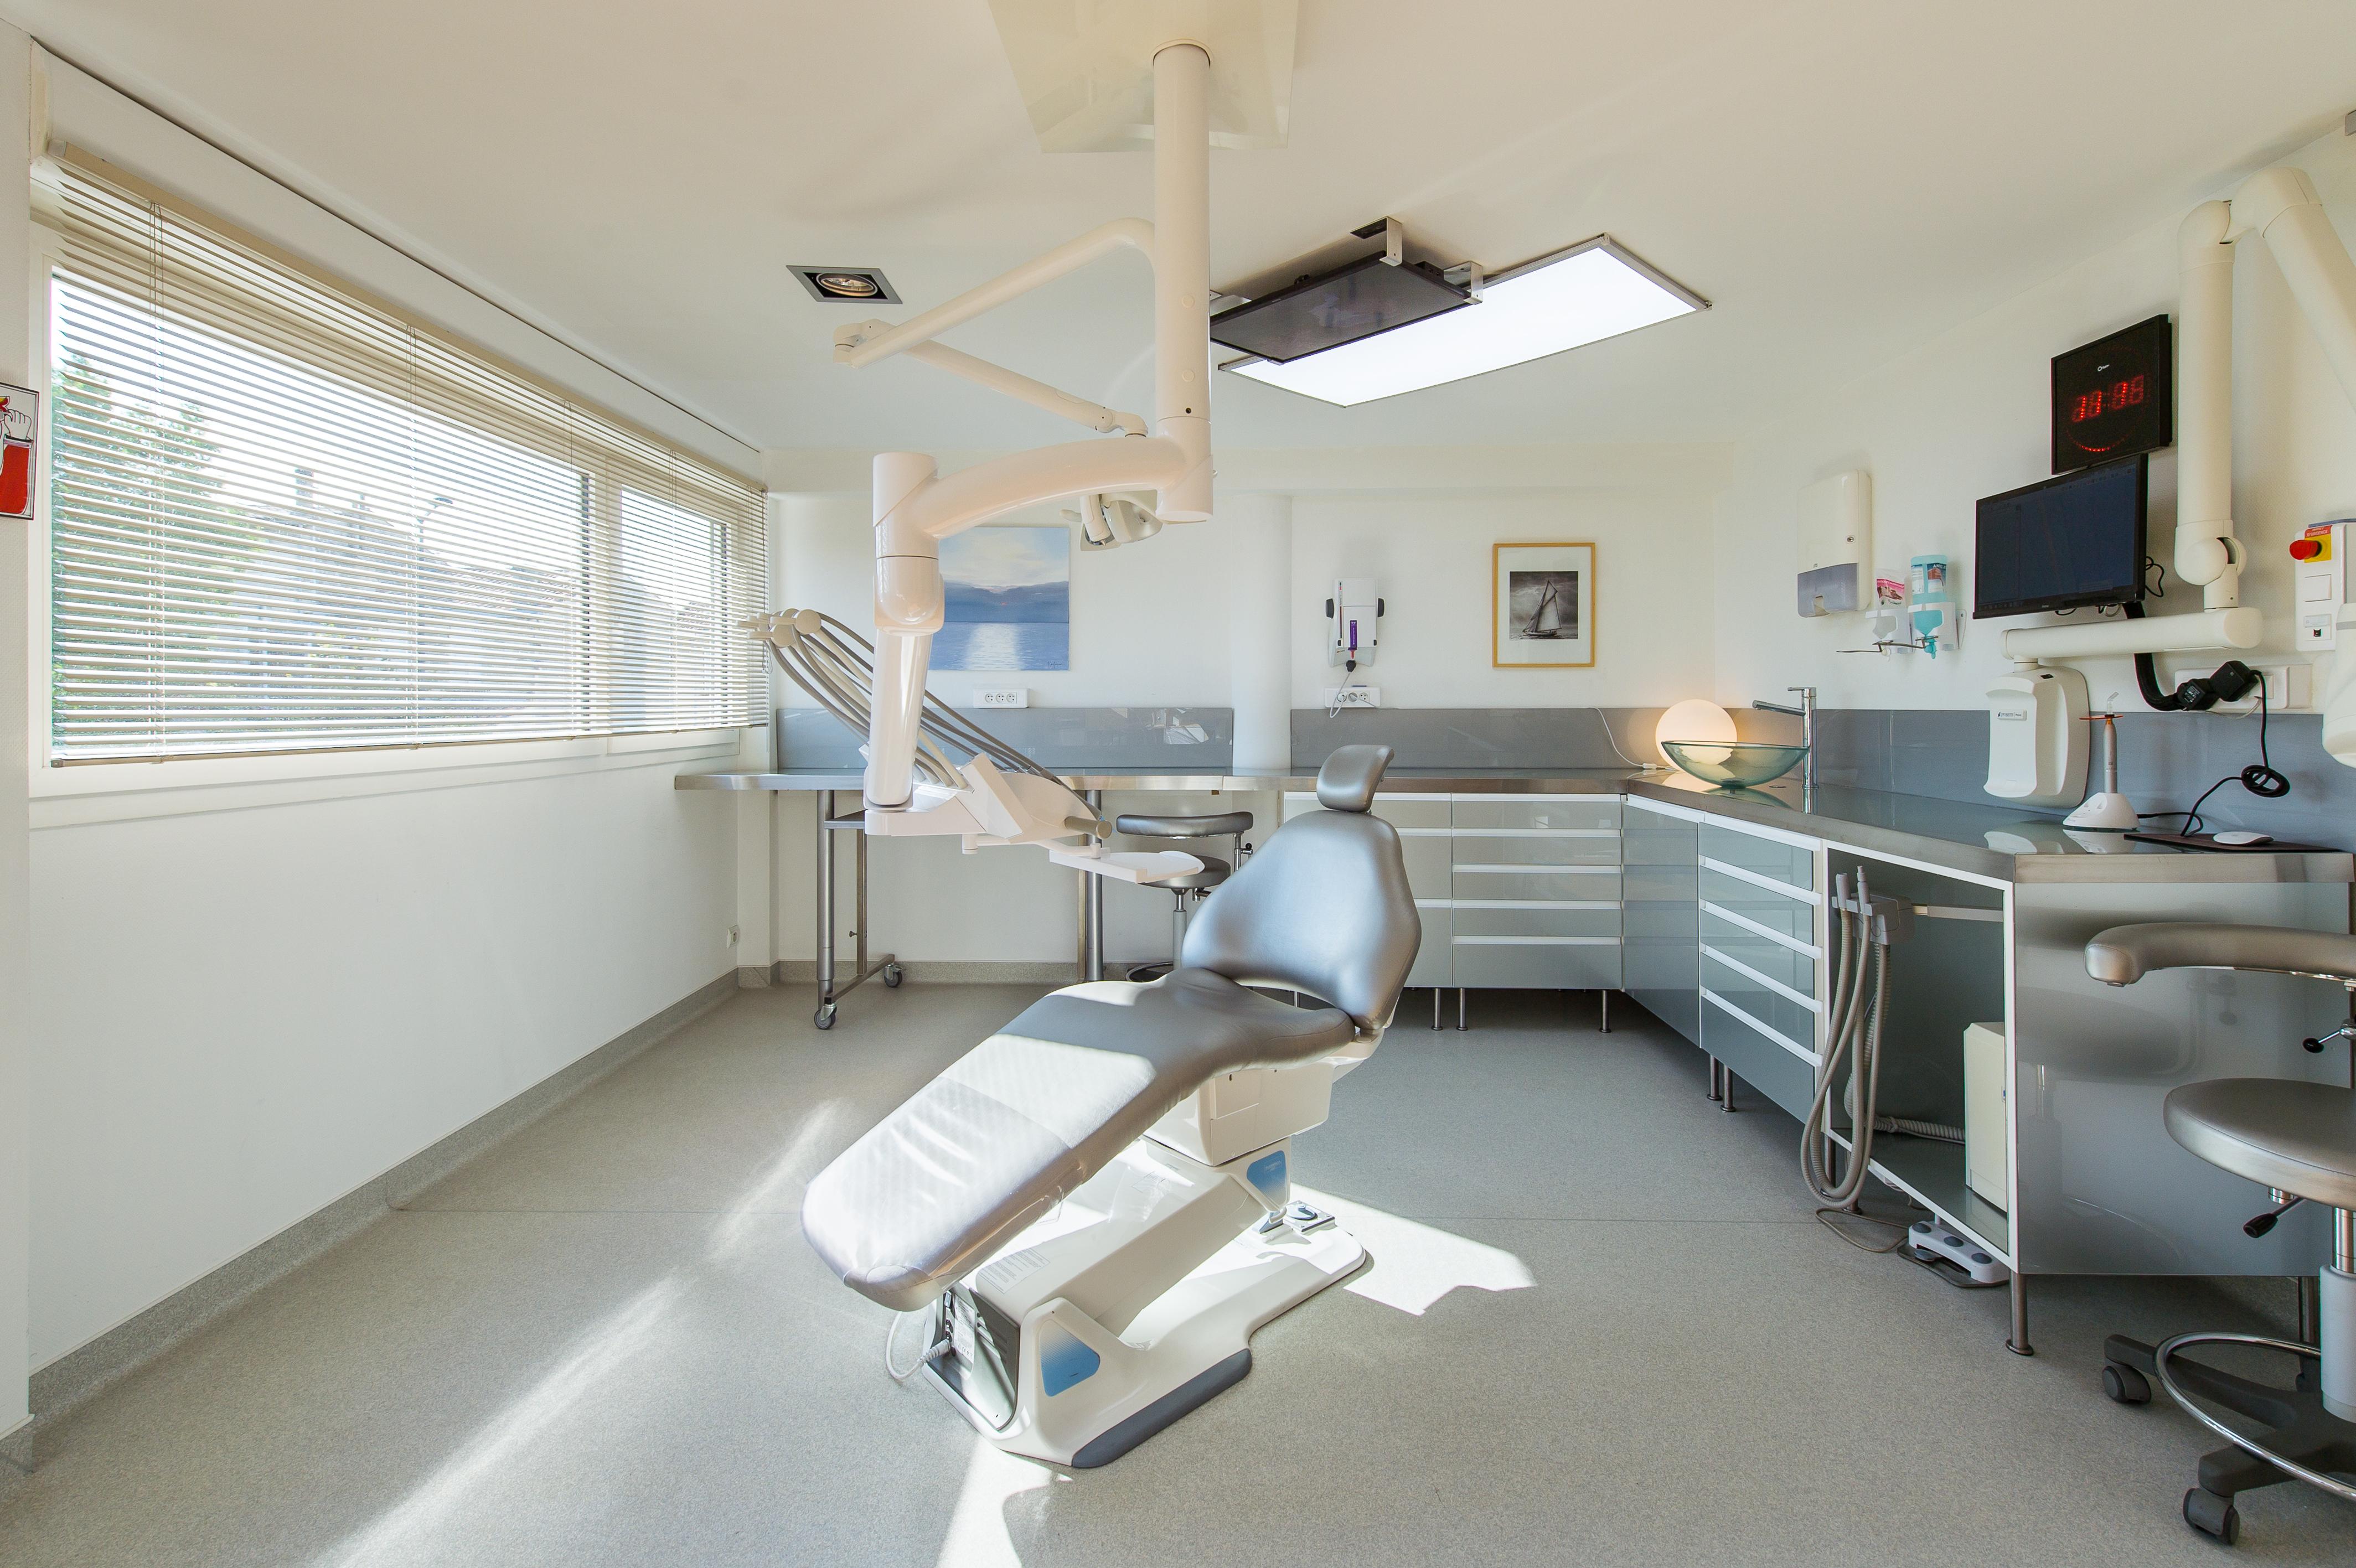 chirurgie dentaire bordeaux dentistes clinique esth tique aquitaine. Black Bedroom Furniture Sets. Home Design Ideas